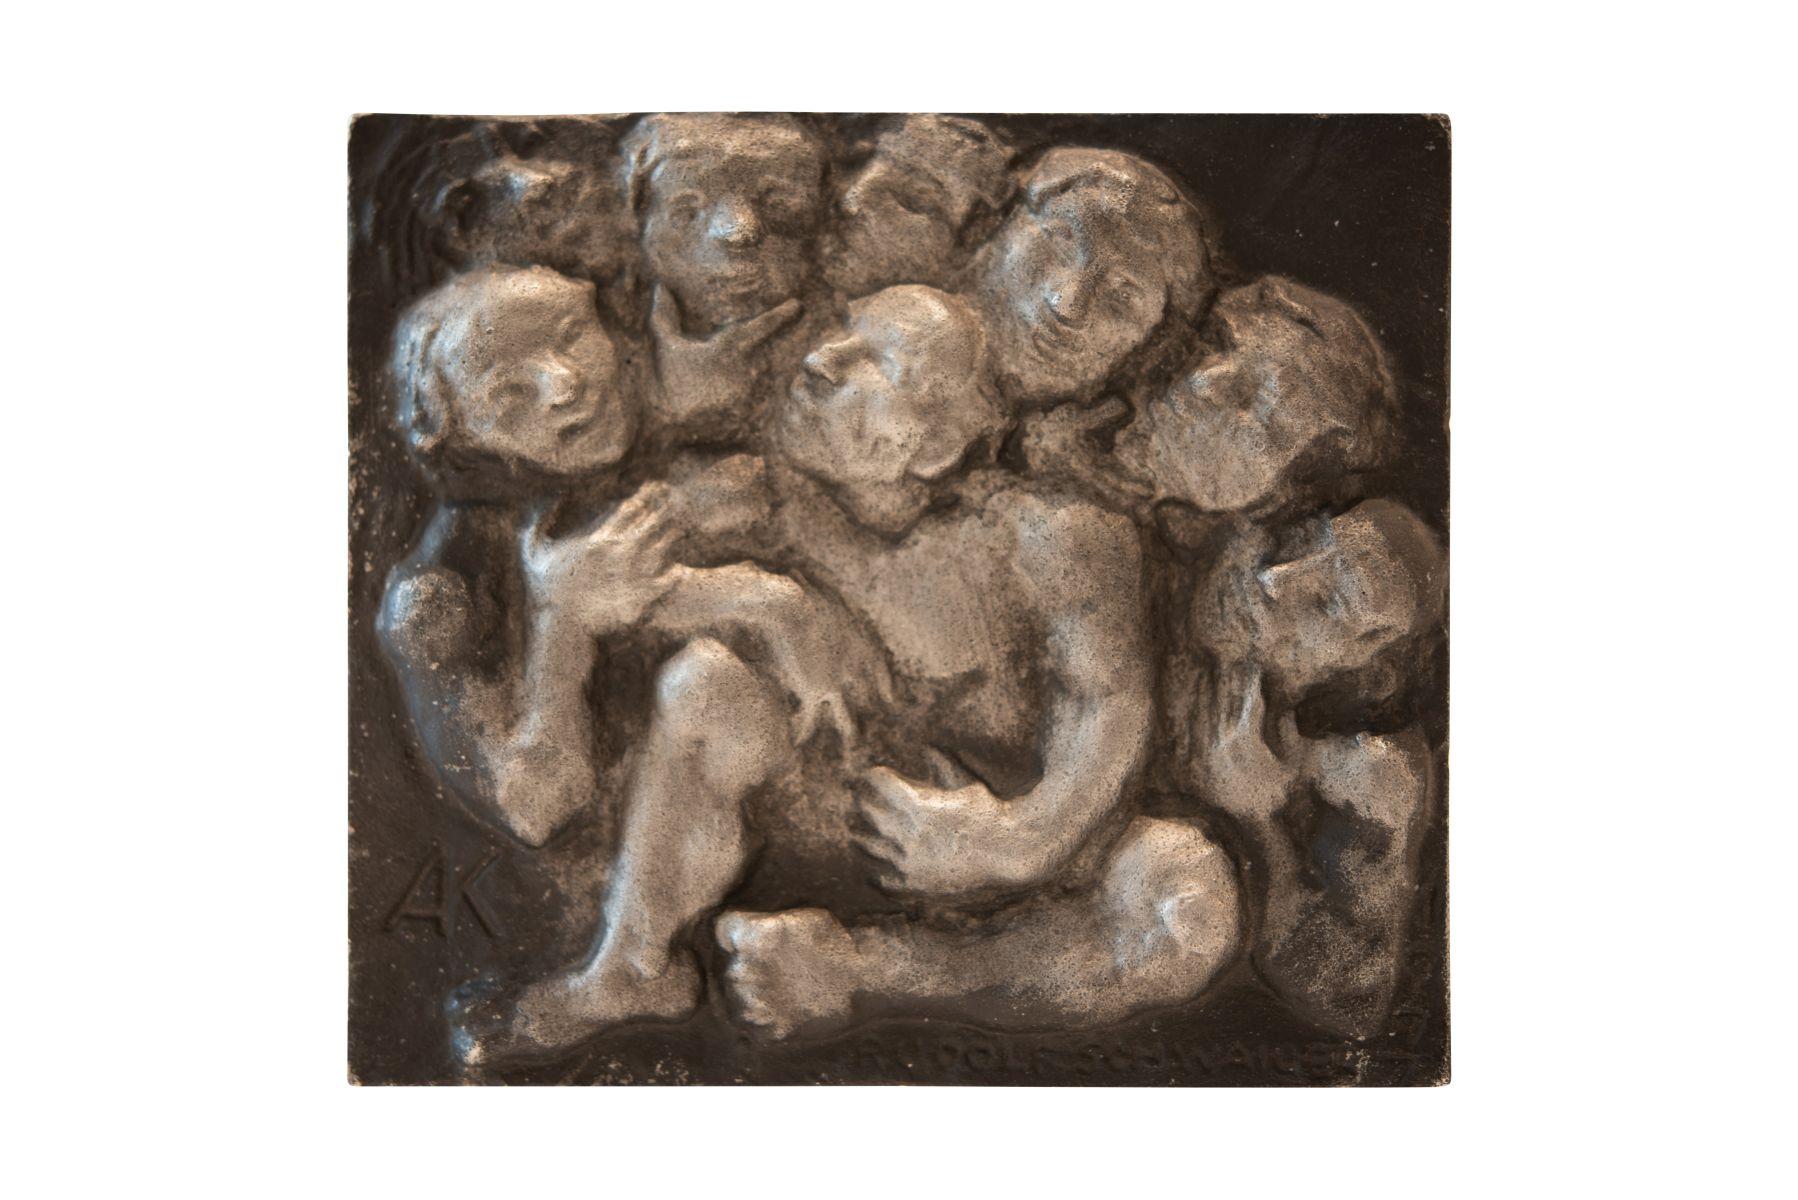 #143 Rudolf Schwaiger (1924–1979), The Conversation | Rudolf Schwaiger (1924–1979), Das Gespräch Image